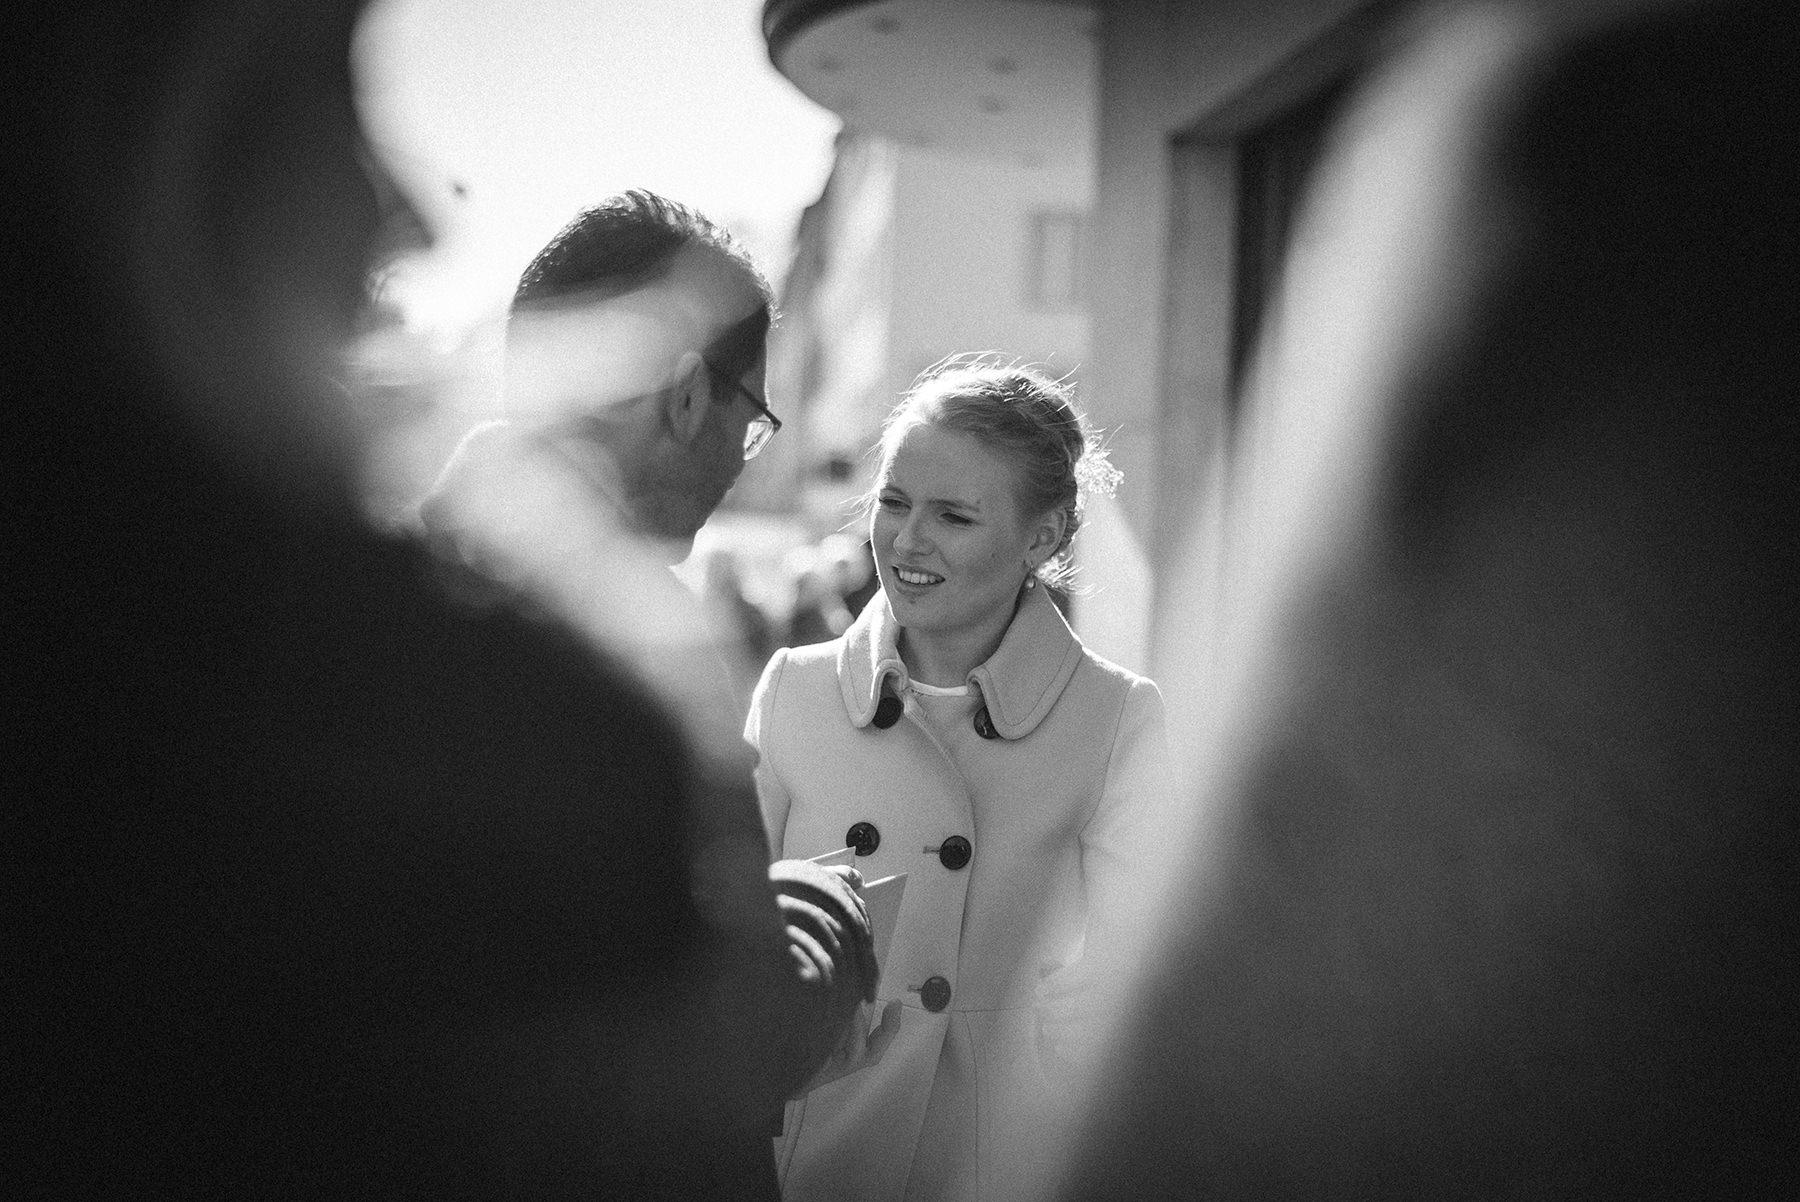 Hochzeit-Bonn-Kirschblüte-Sonja-Oliver-Dreamcatcher-Photography-Hochzeitsfotografie (3)